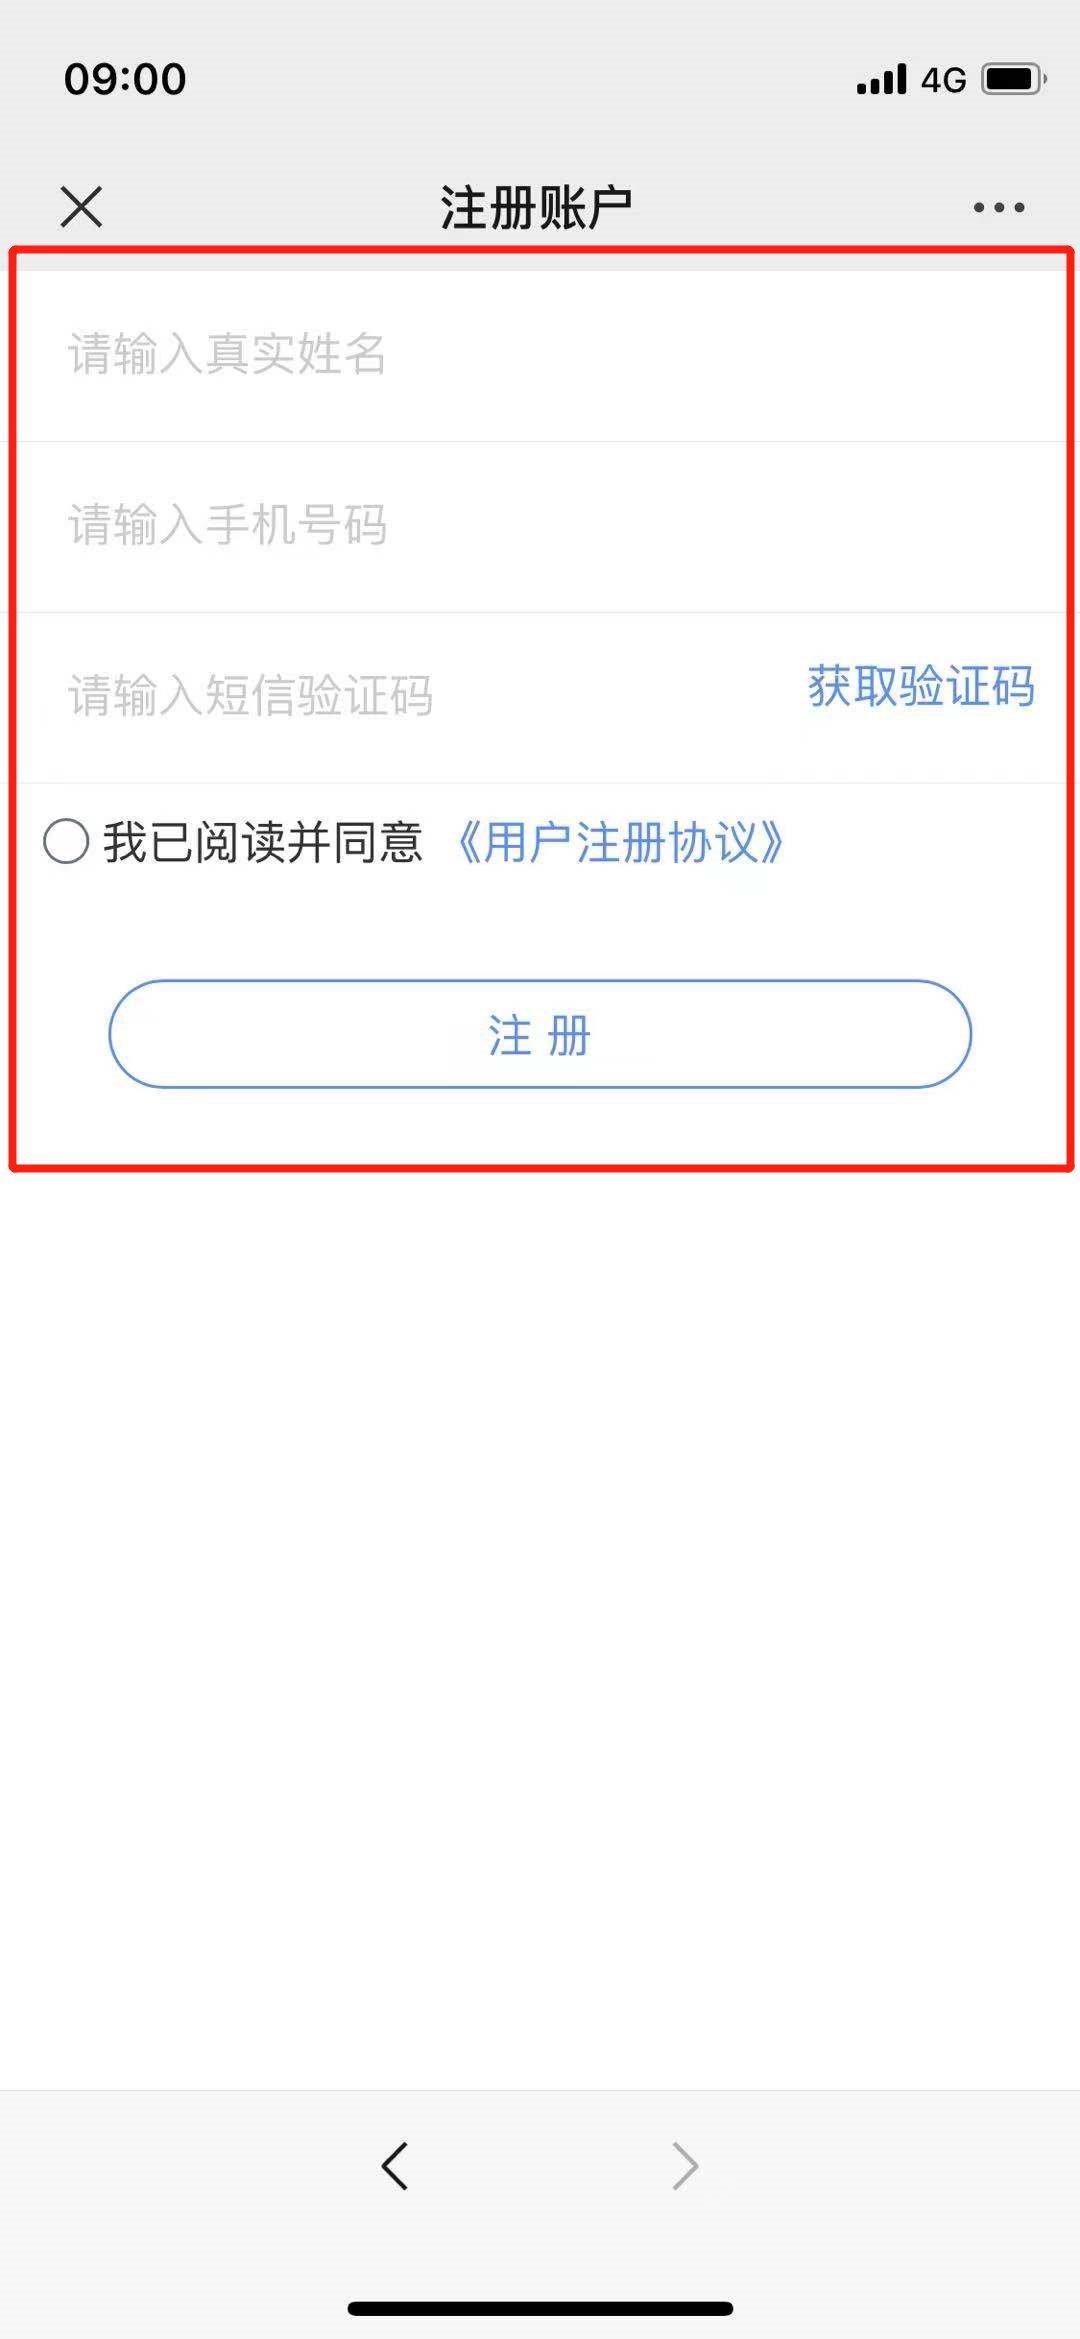 上海仁济医�院如何微信预约挂号?